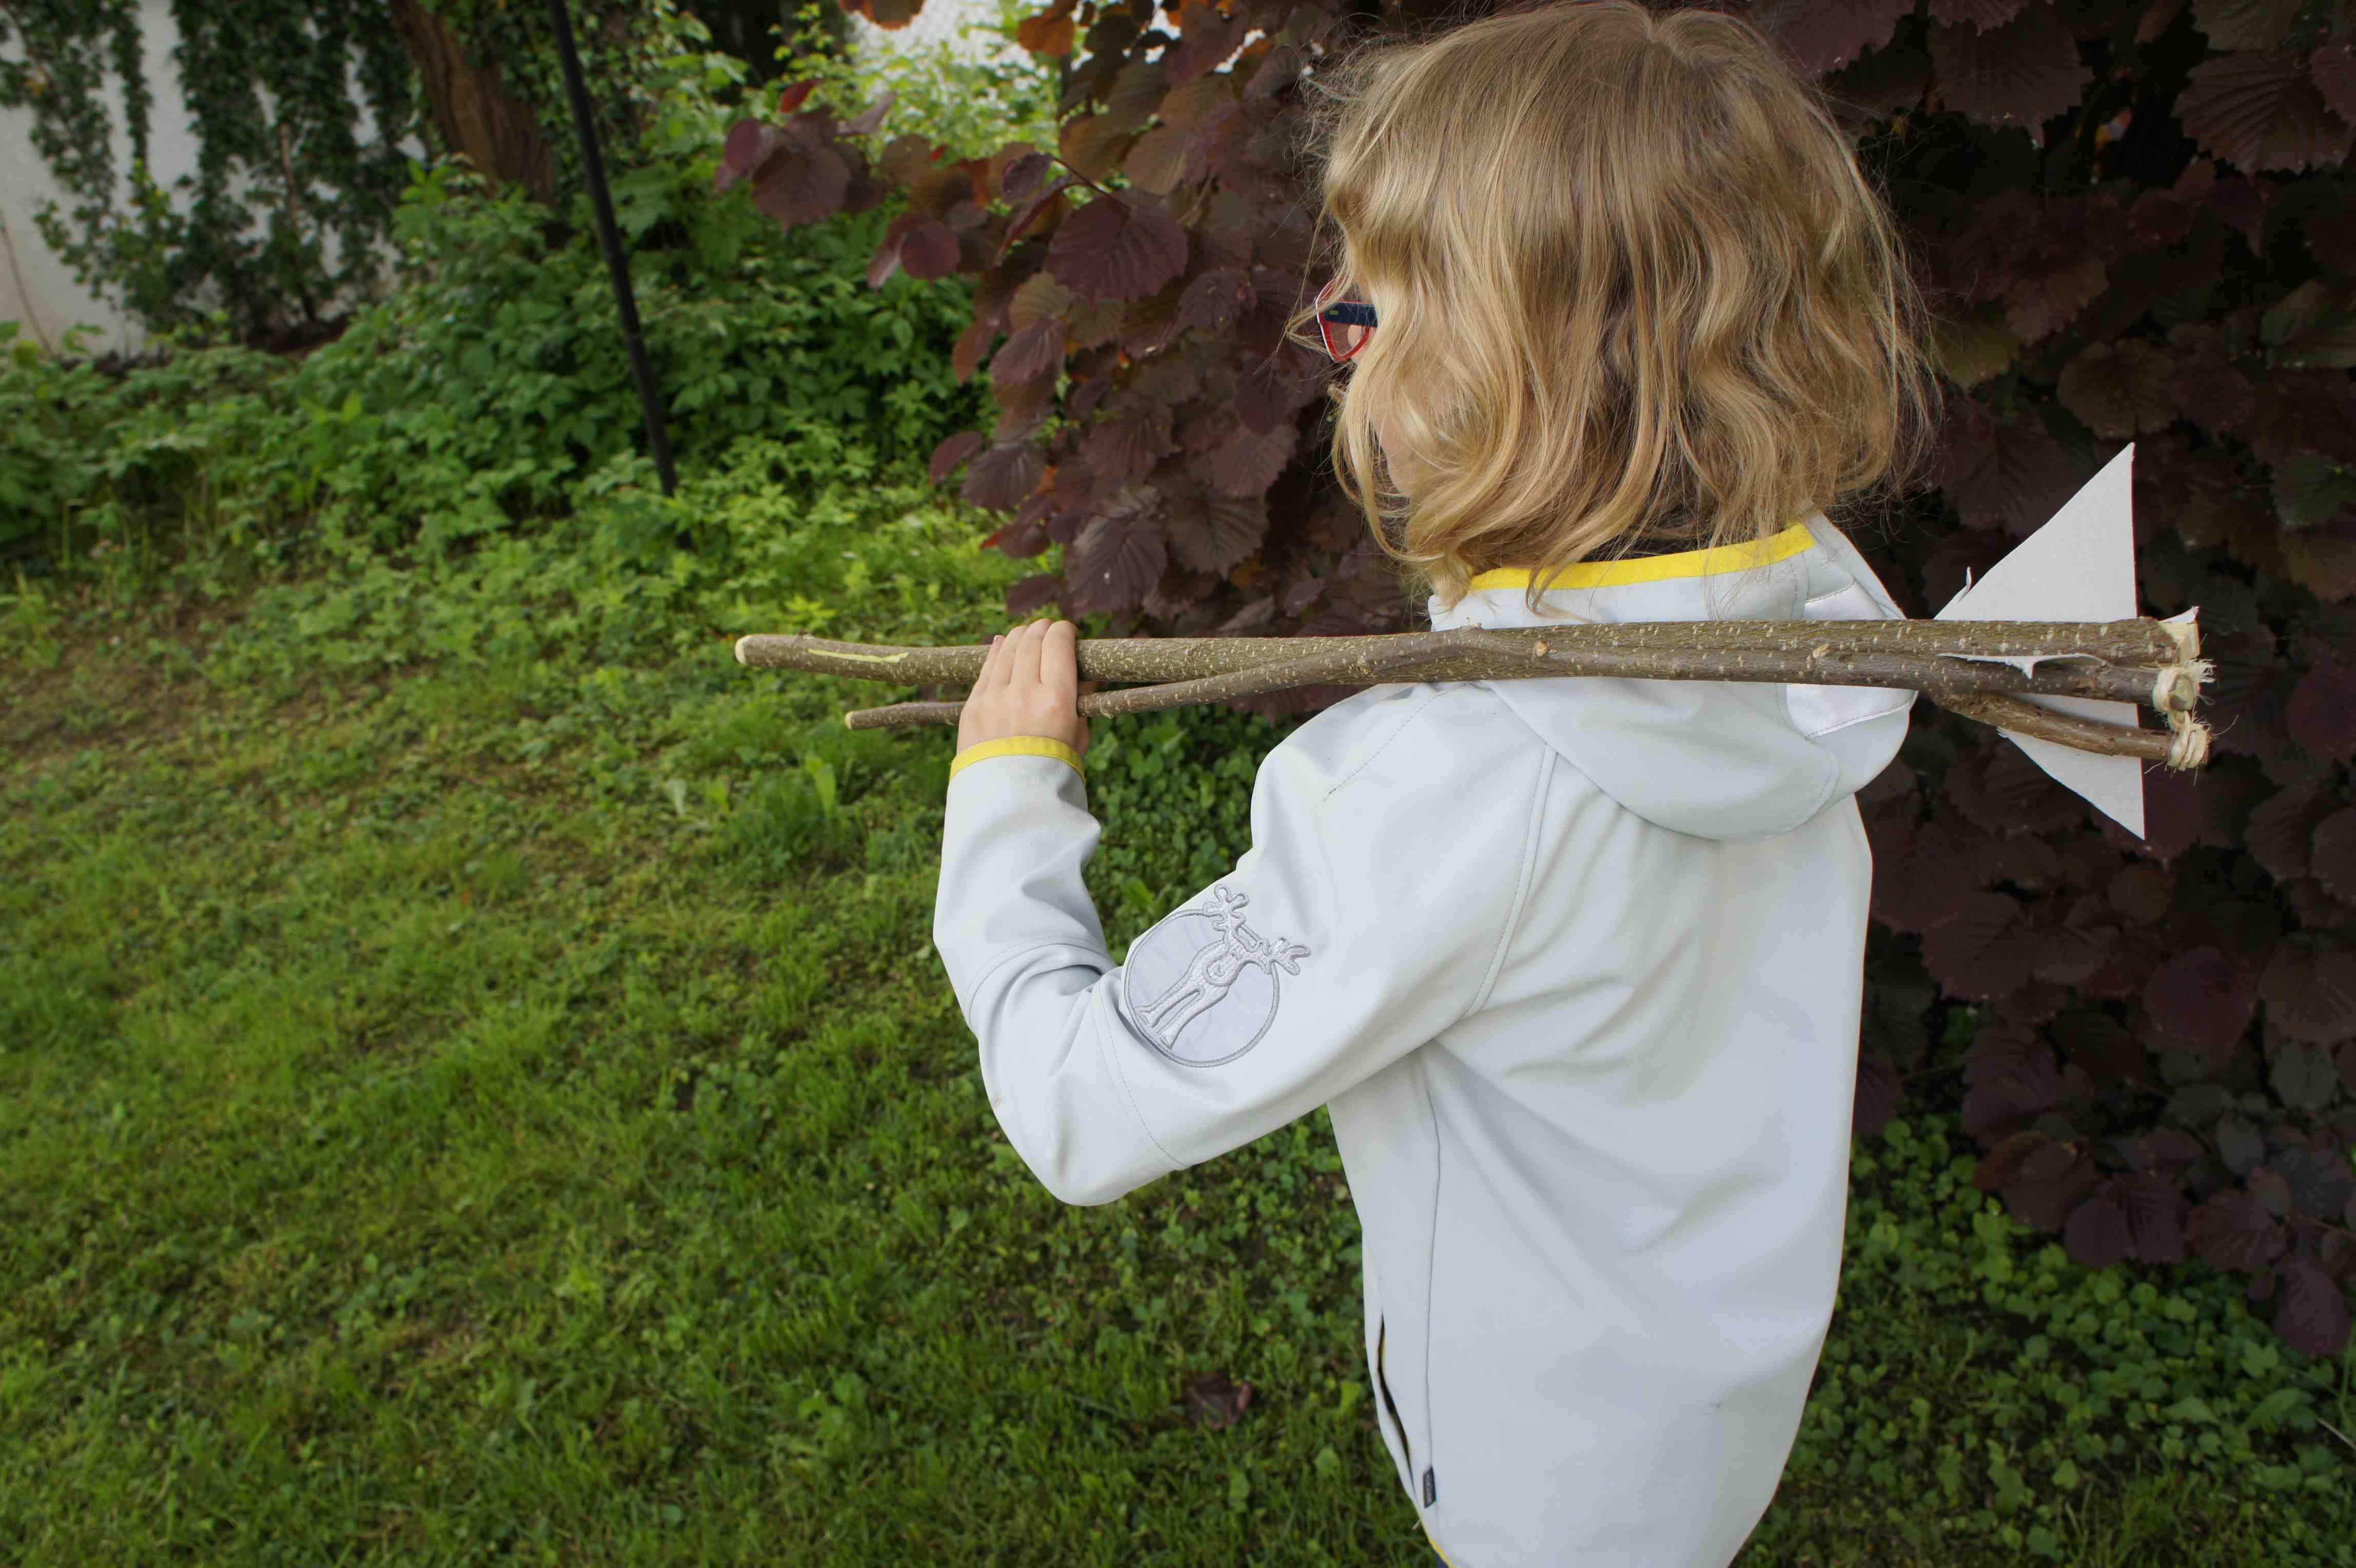 Mit ein wenig Übung könnt Ihr bald den Wurfpfeil richtig weit schleudern.  Foto: (c) Kinderoutdoor.de